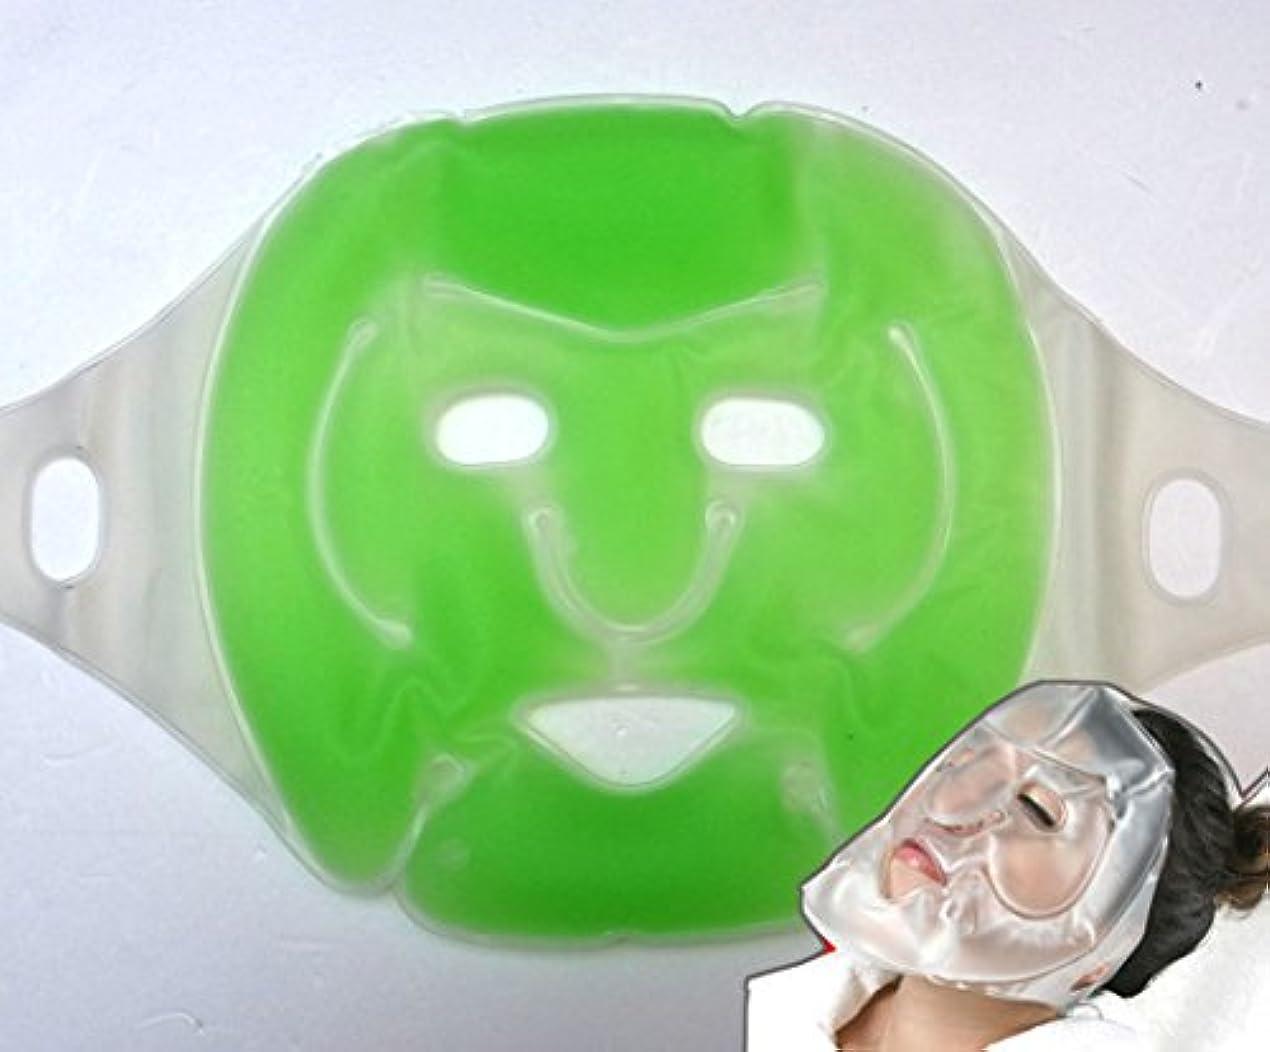 提供する所有者羊の服を着た狼フェイスマッサージクールアイスマスクパック半永久的なフェイシャルマッサージ 毛穴収縮/緑色/Face Cool Massage Ice Mask Pack Semi-permanent Facial Massager Contracting...